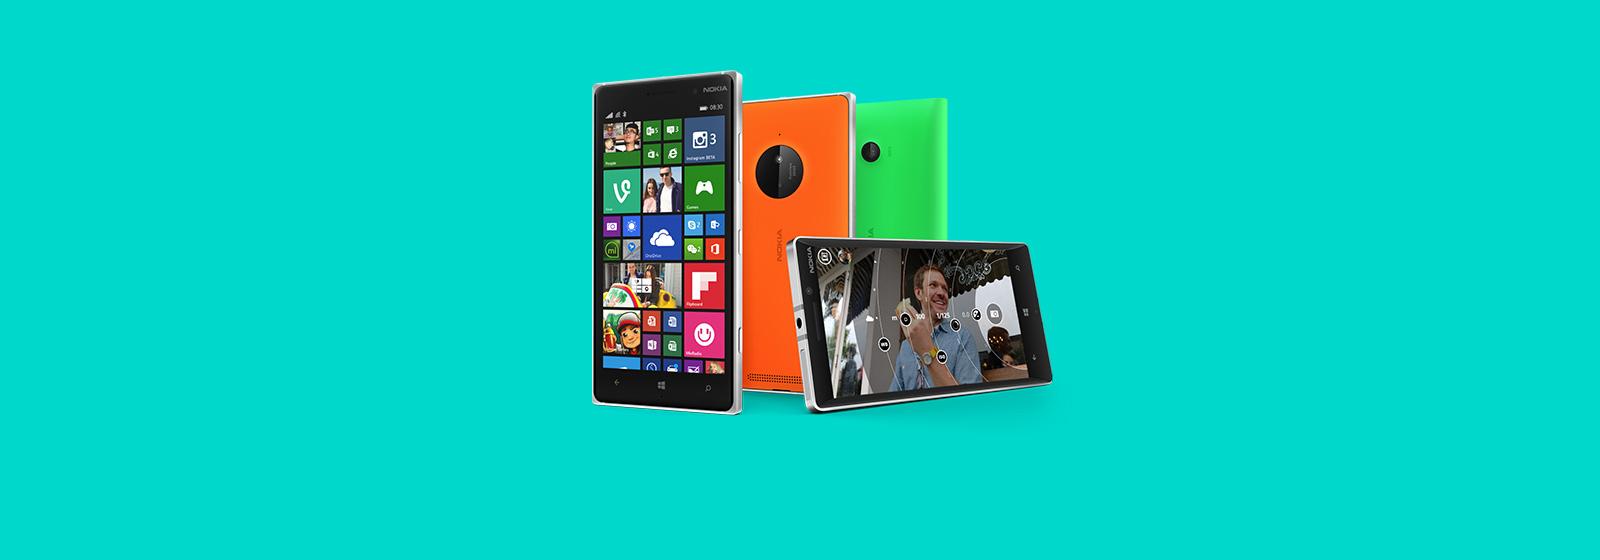 Bolje iskoristite pametni telefon. Saznajte više o uređajima Lumia.